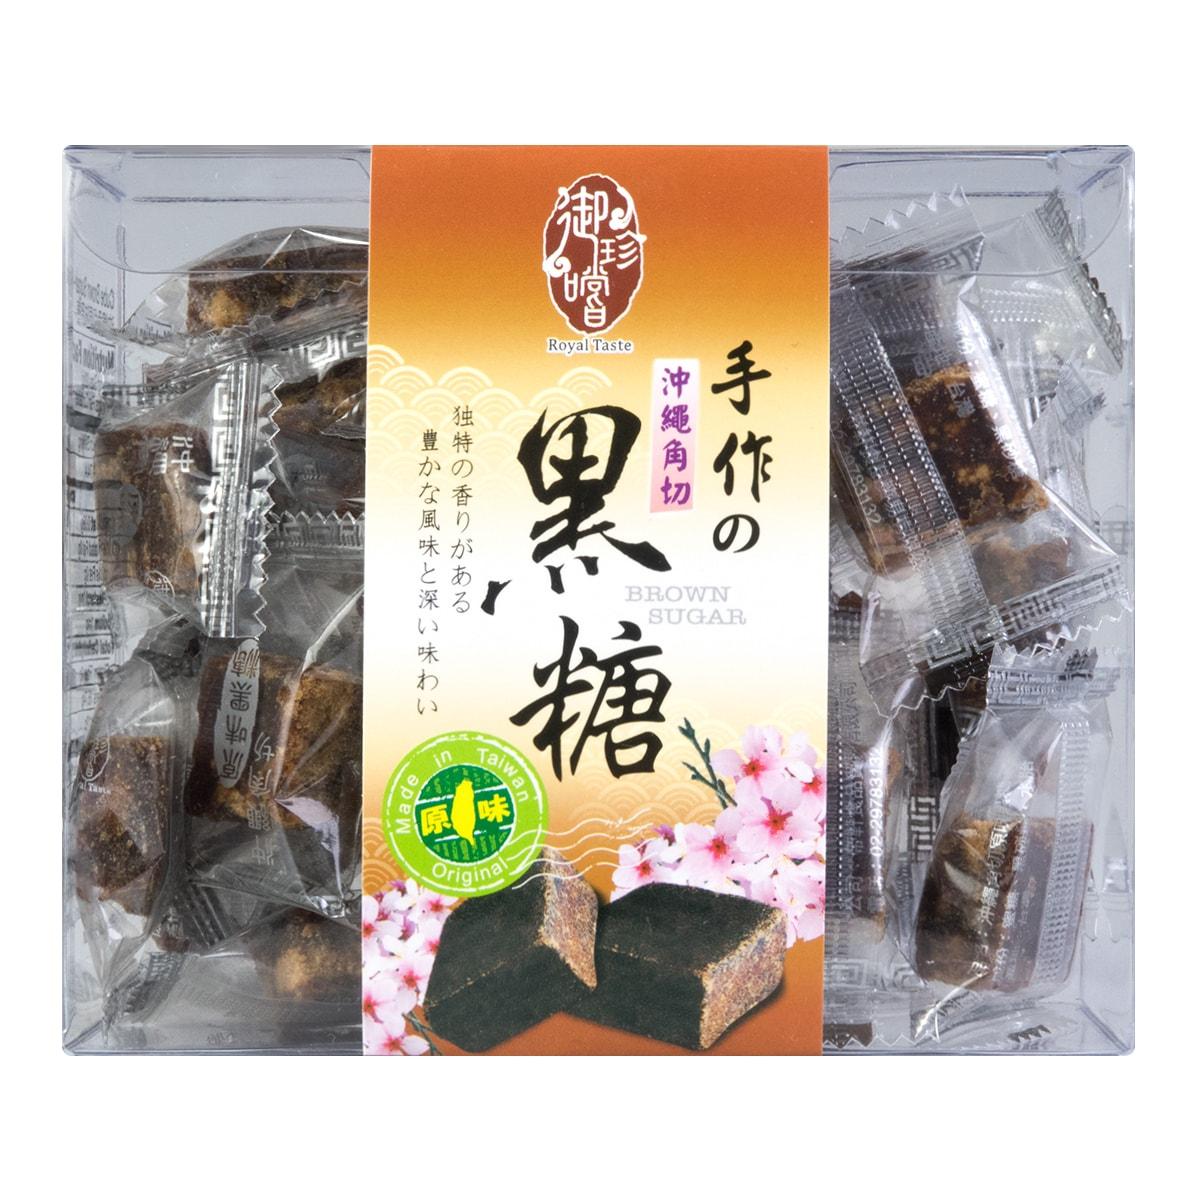 台湾御珍尝 手作冲绳角切黑糖 原味 220g 怎么样 - 亚米网